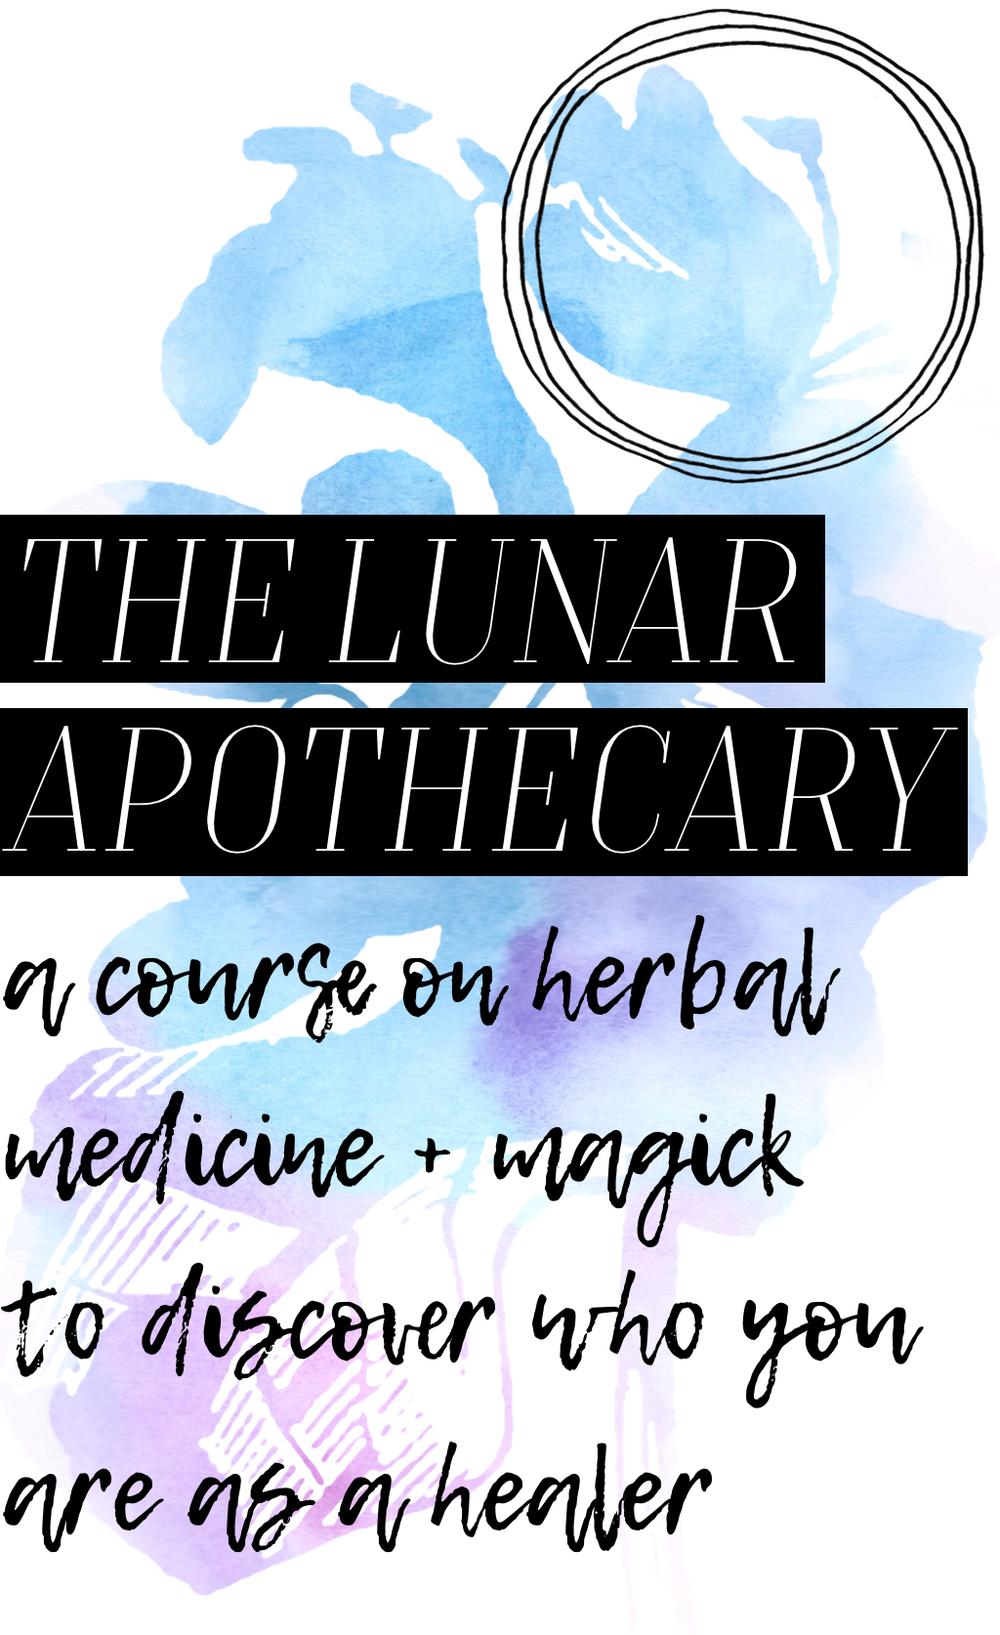 the lunar apothecary